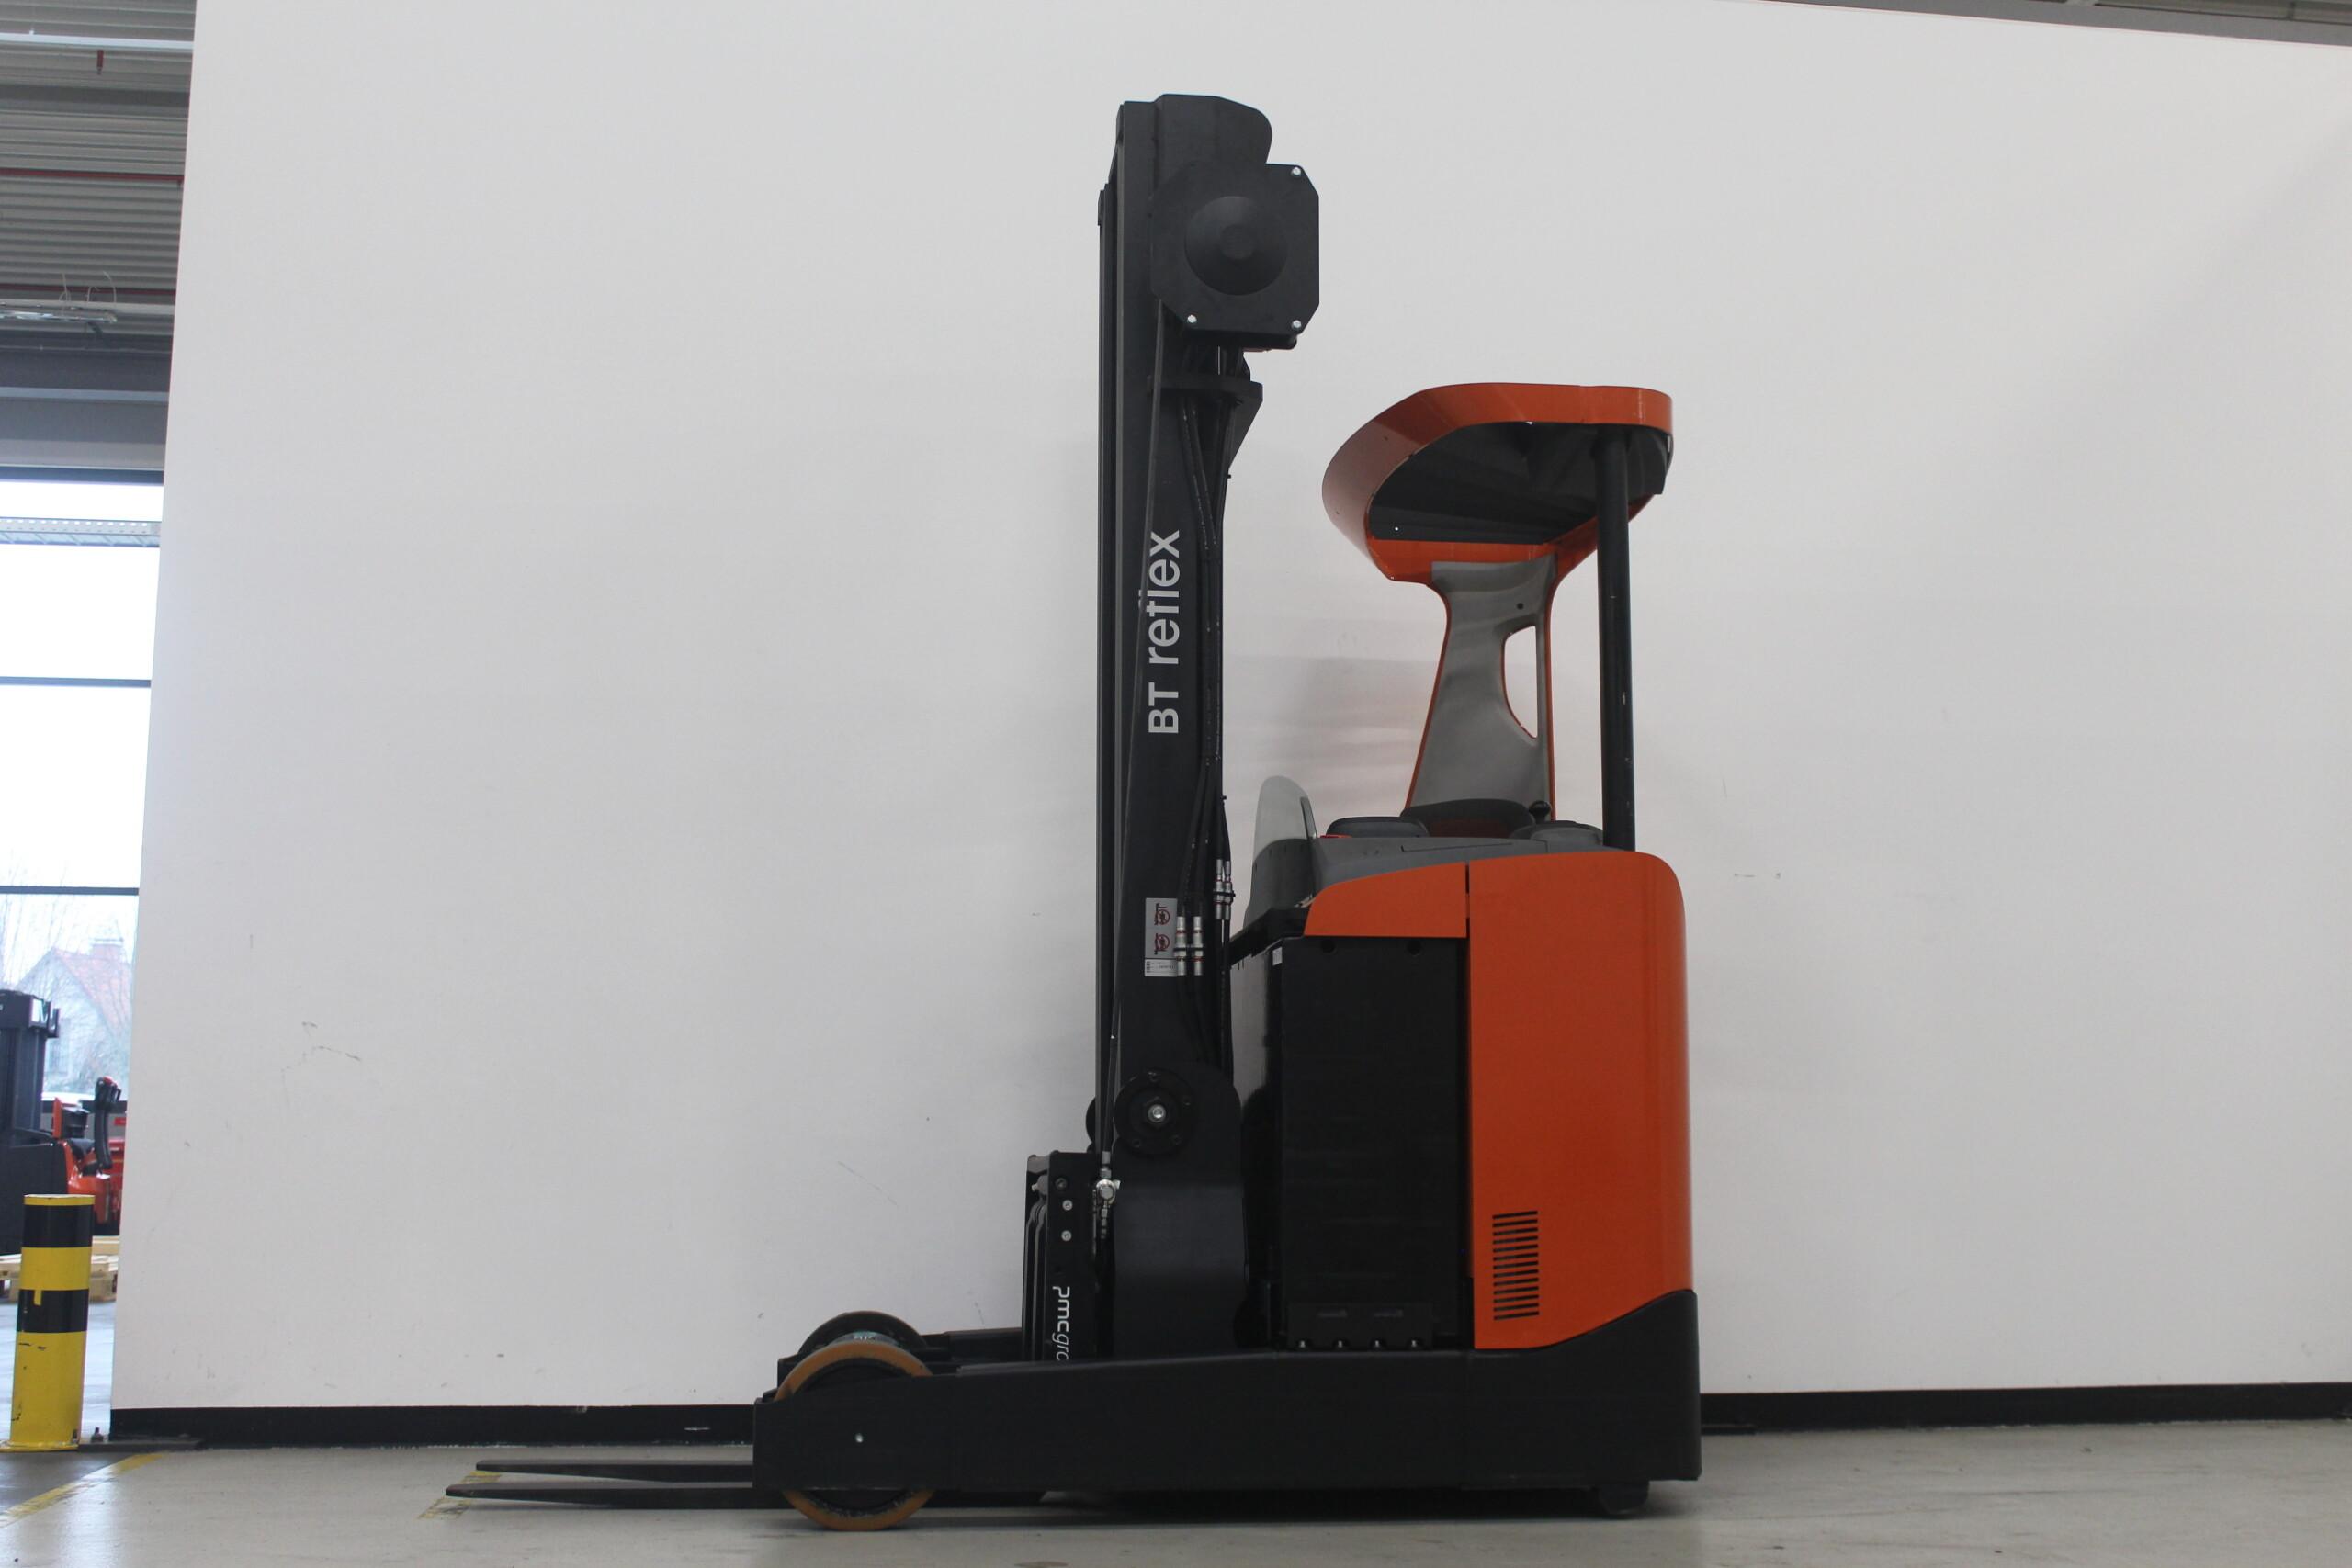 Toyota-Gabelstapler-59840 1403008803 1 38 scaled